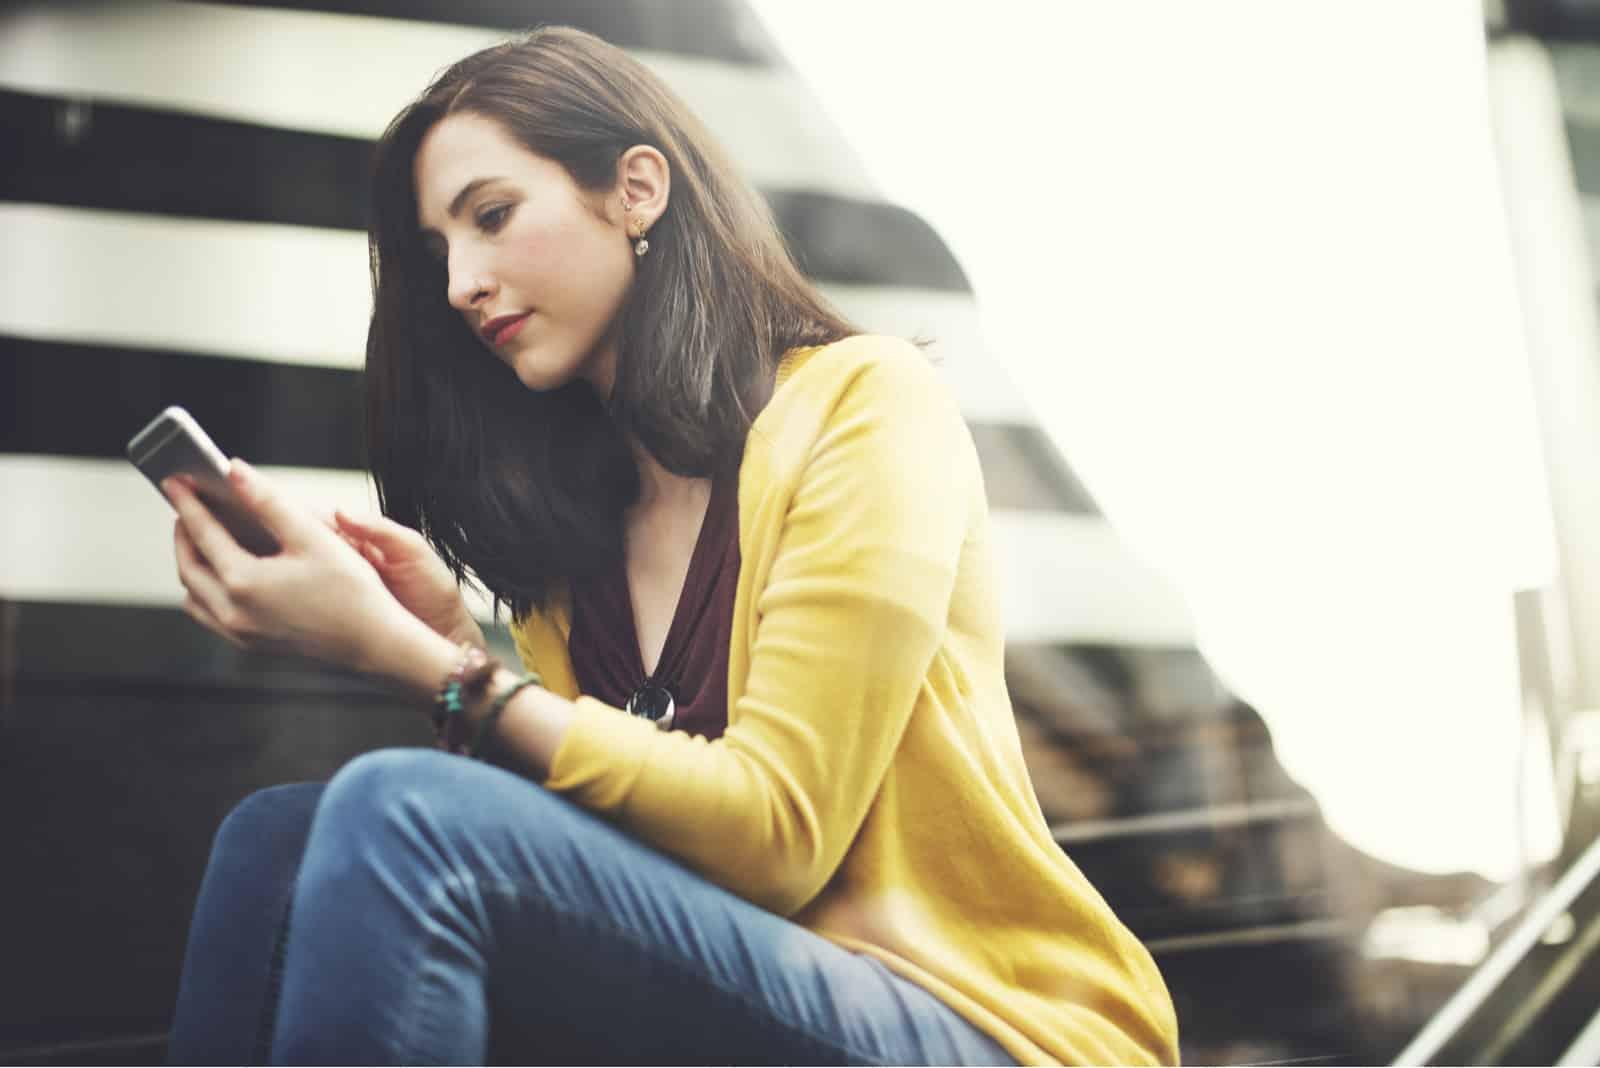 Une femme aux cheveux bruns dans une veste jaune est assise et des boutons sur le téléphone